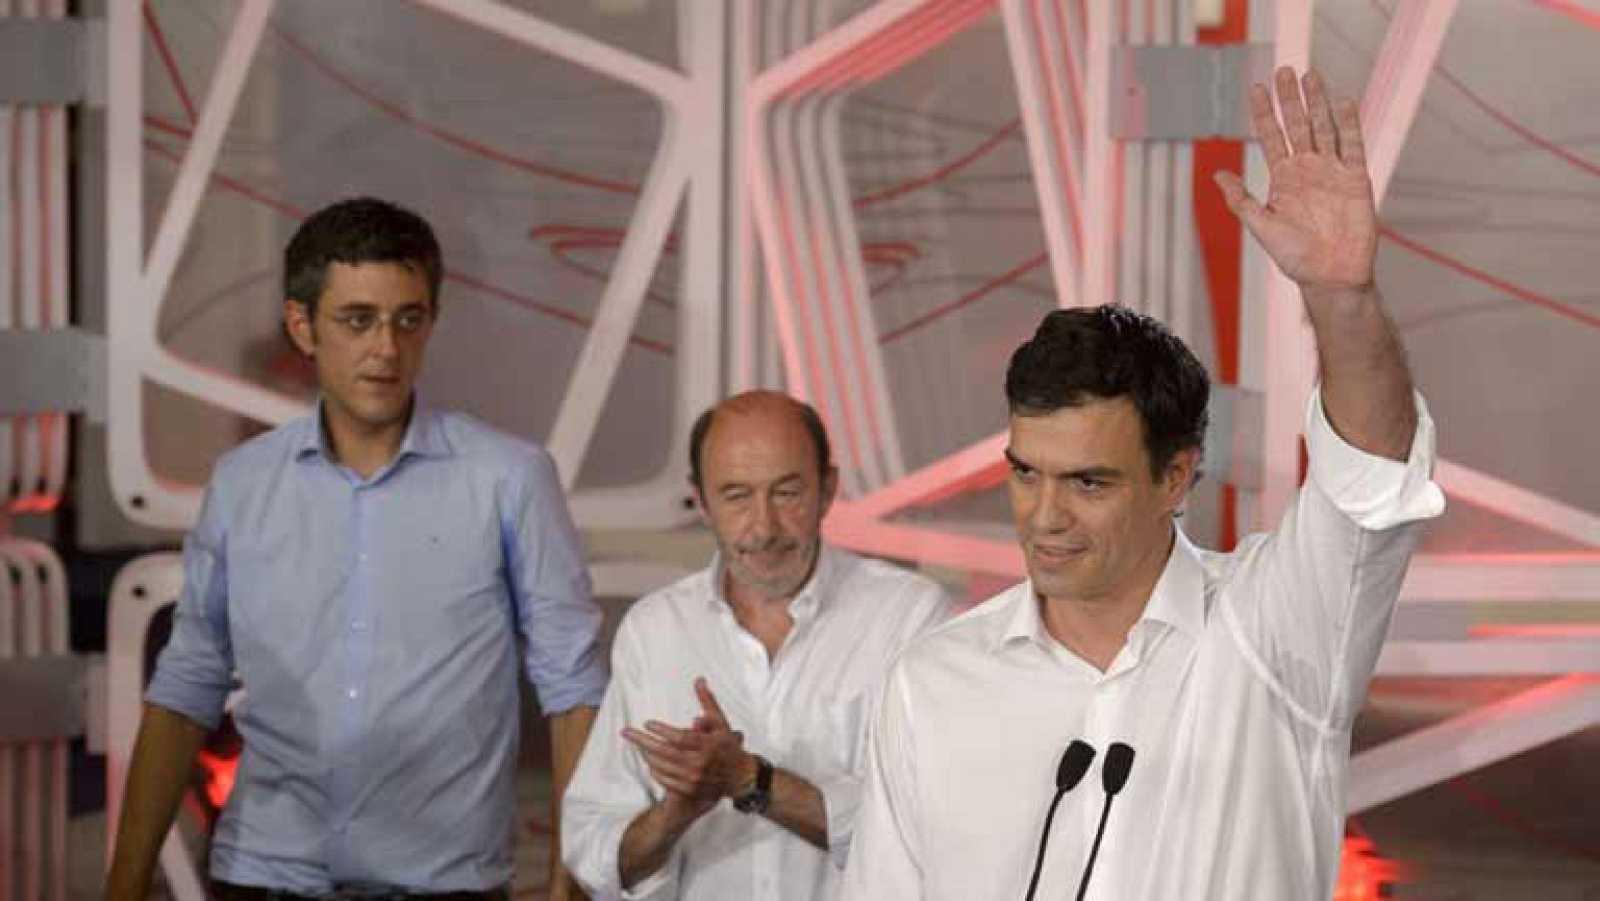 La militancia elige a Sánchez como secretario general del PSOE con el 49% de los votos